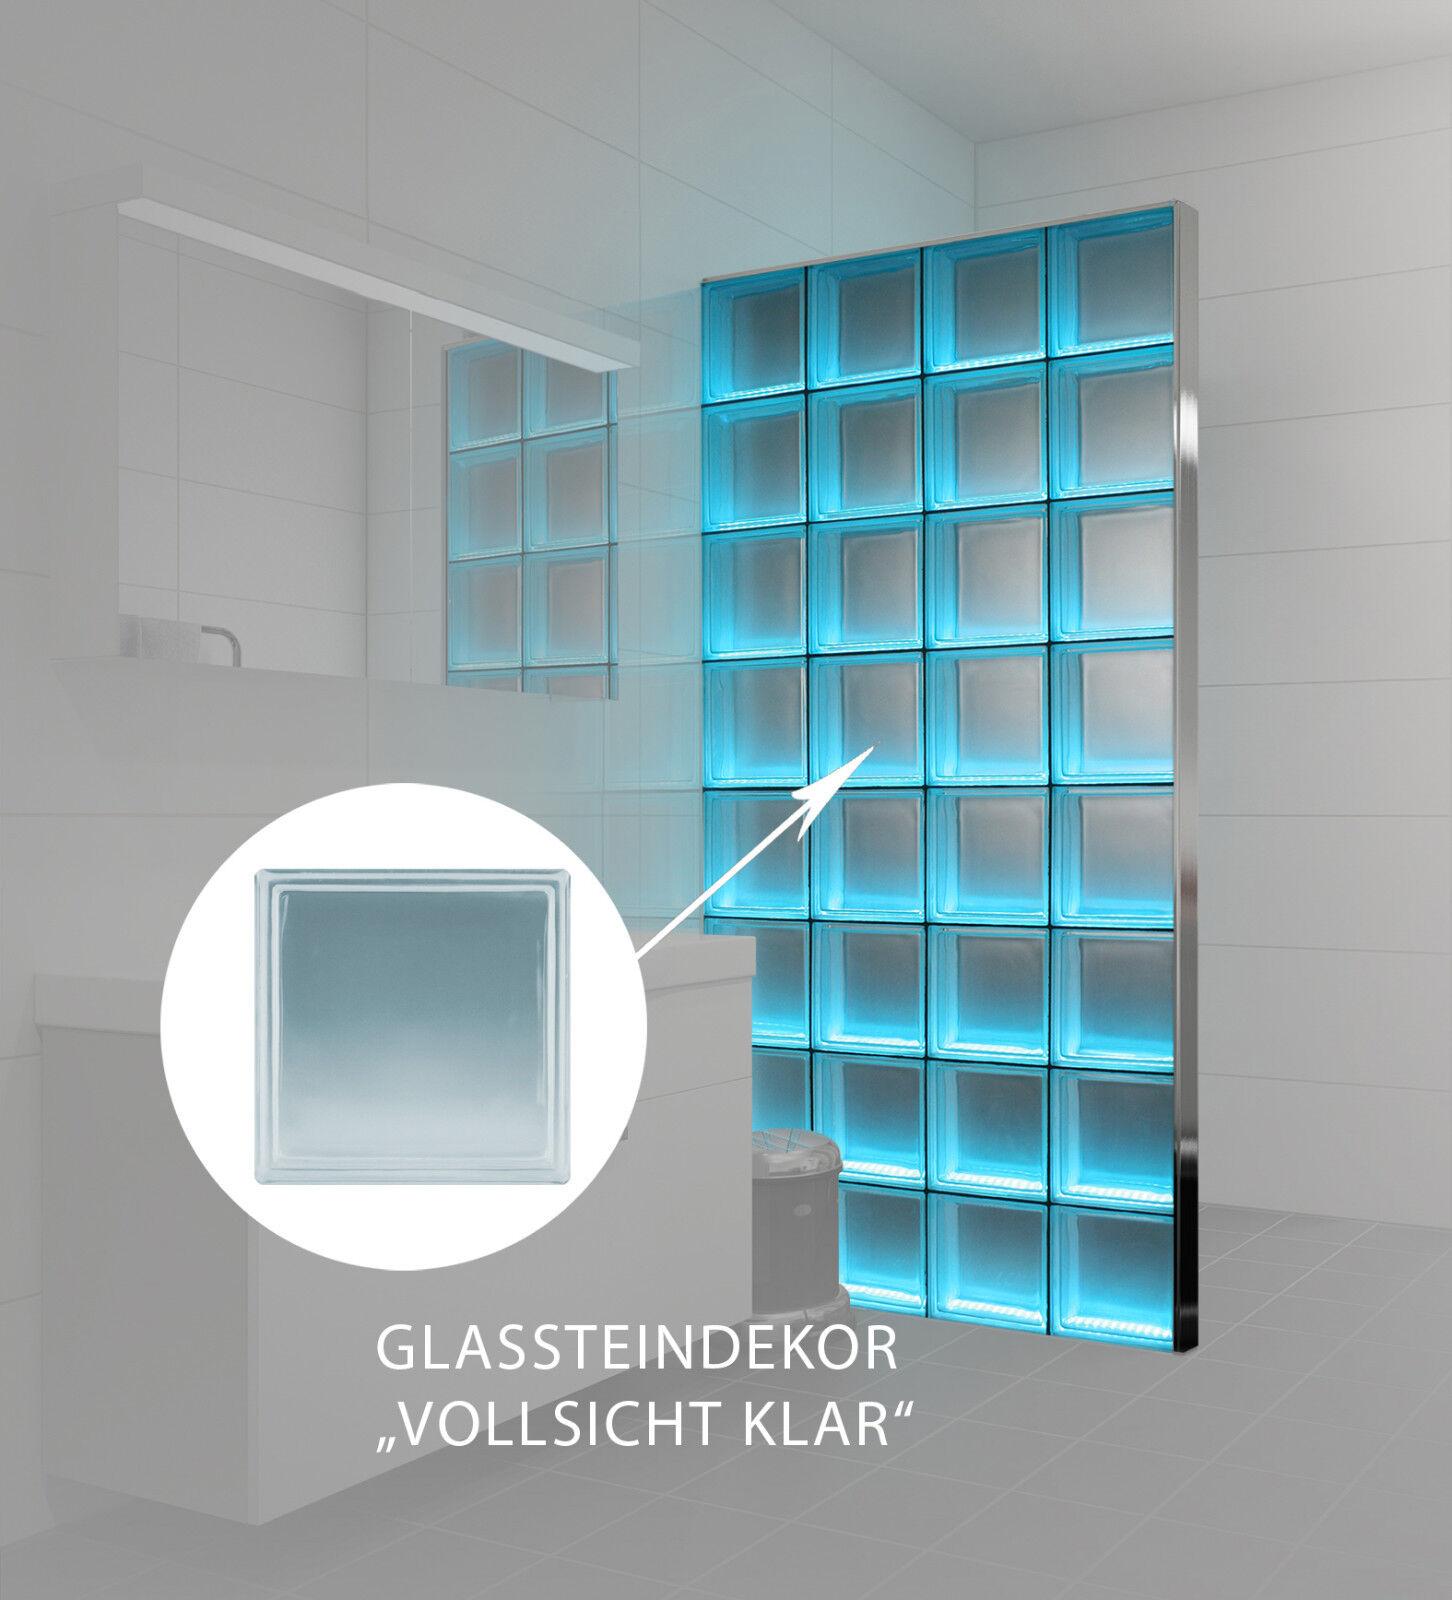 LMW Light My Wall beleuchtete Glassteinwand Vollsicht klar 19x19x8 cm